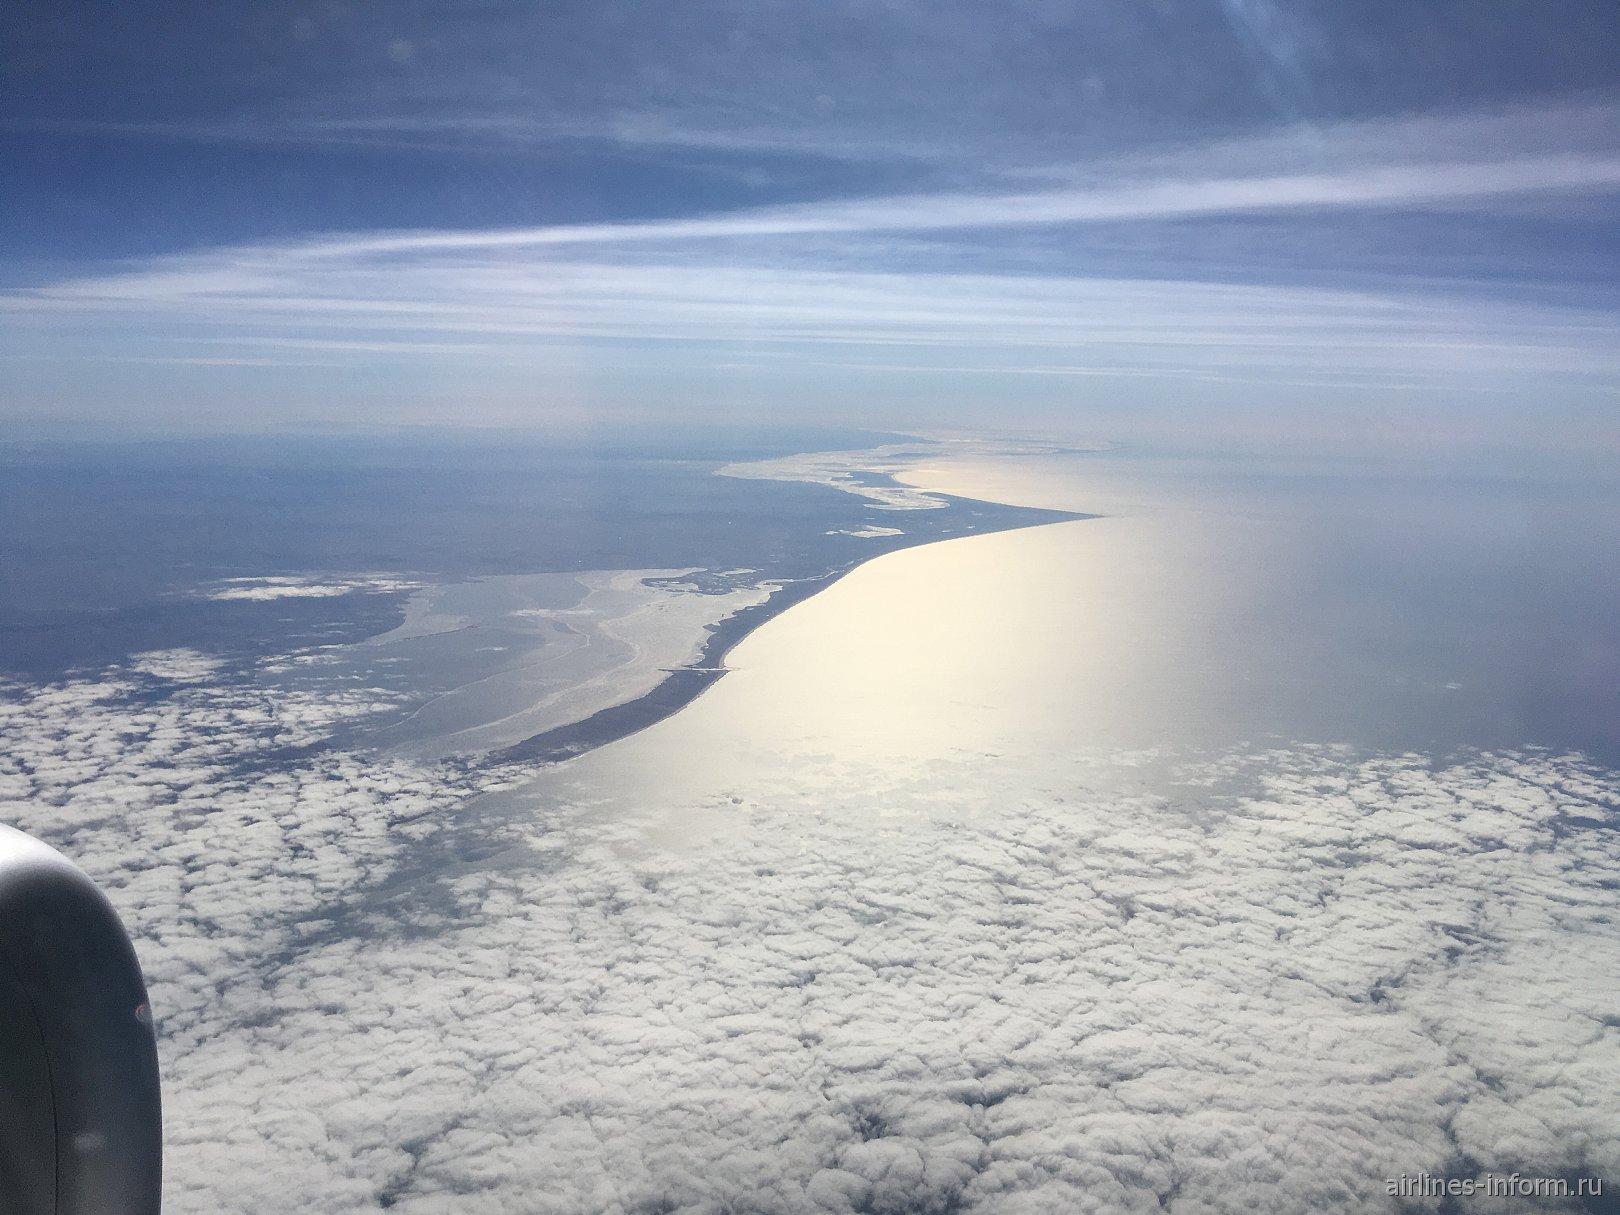 Северное море у берегов Дании